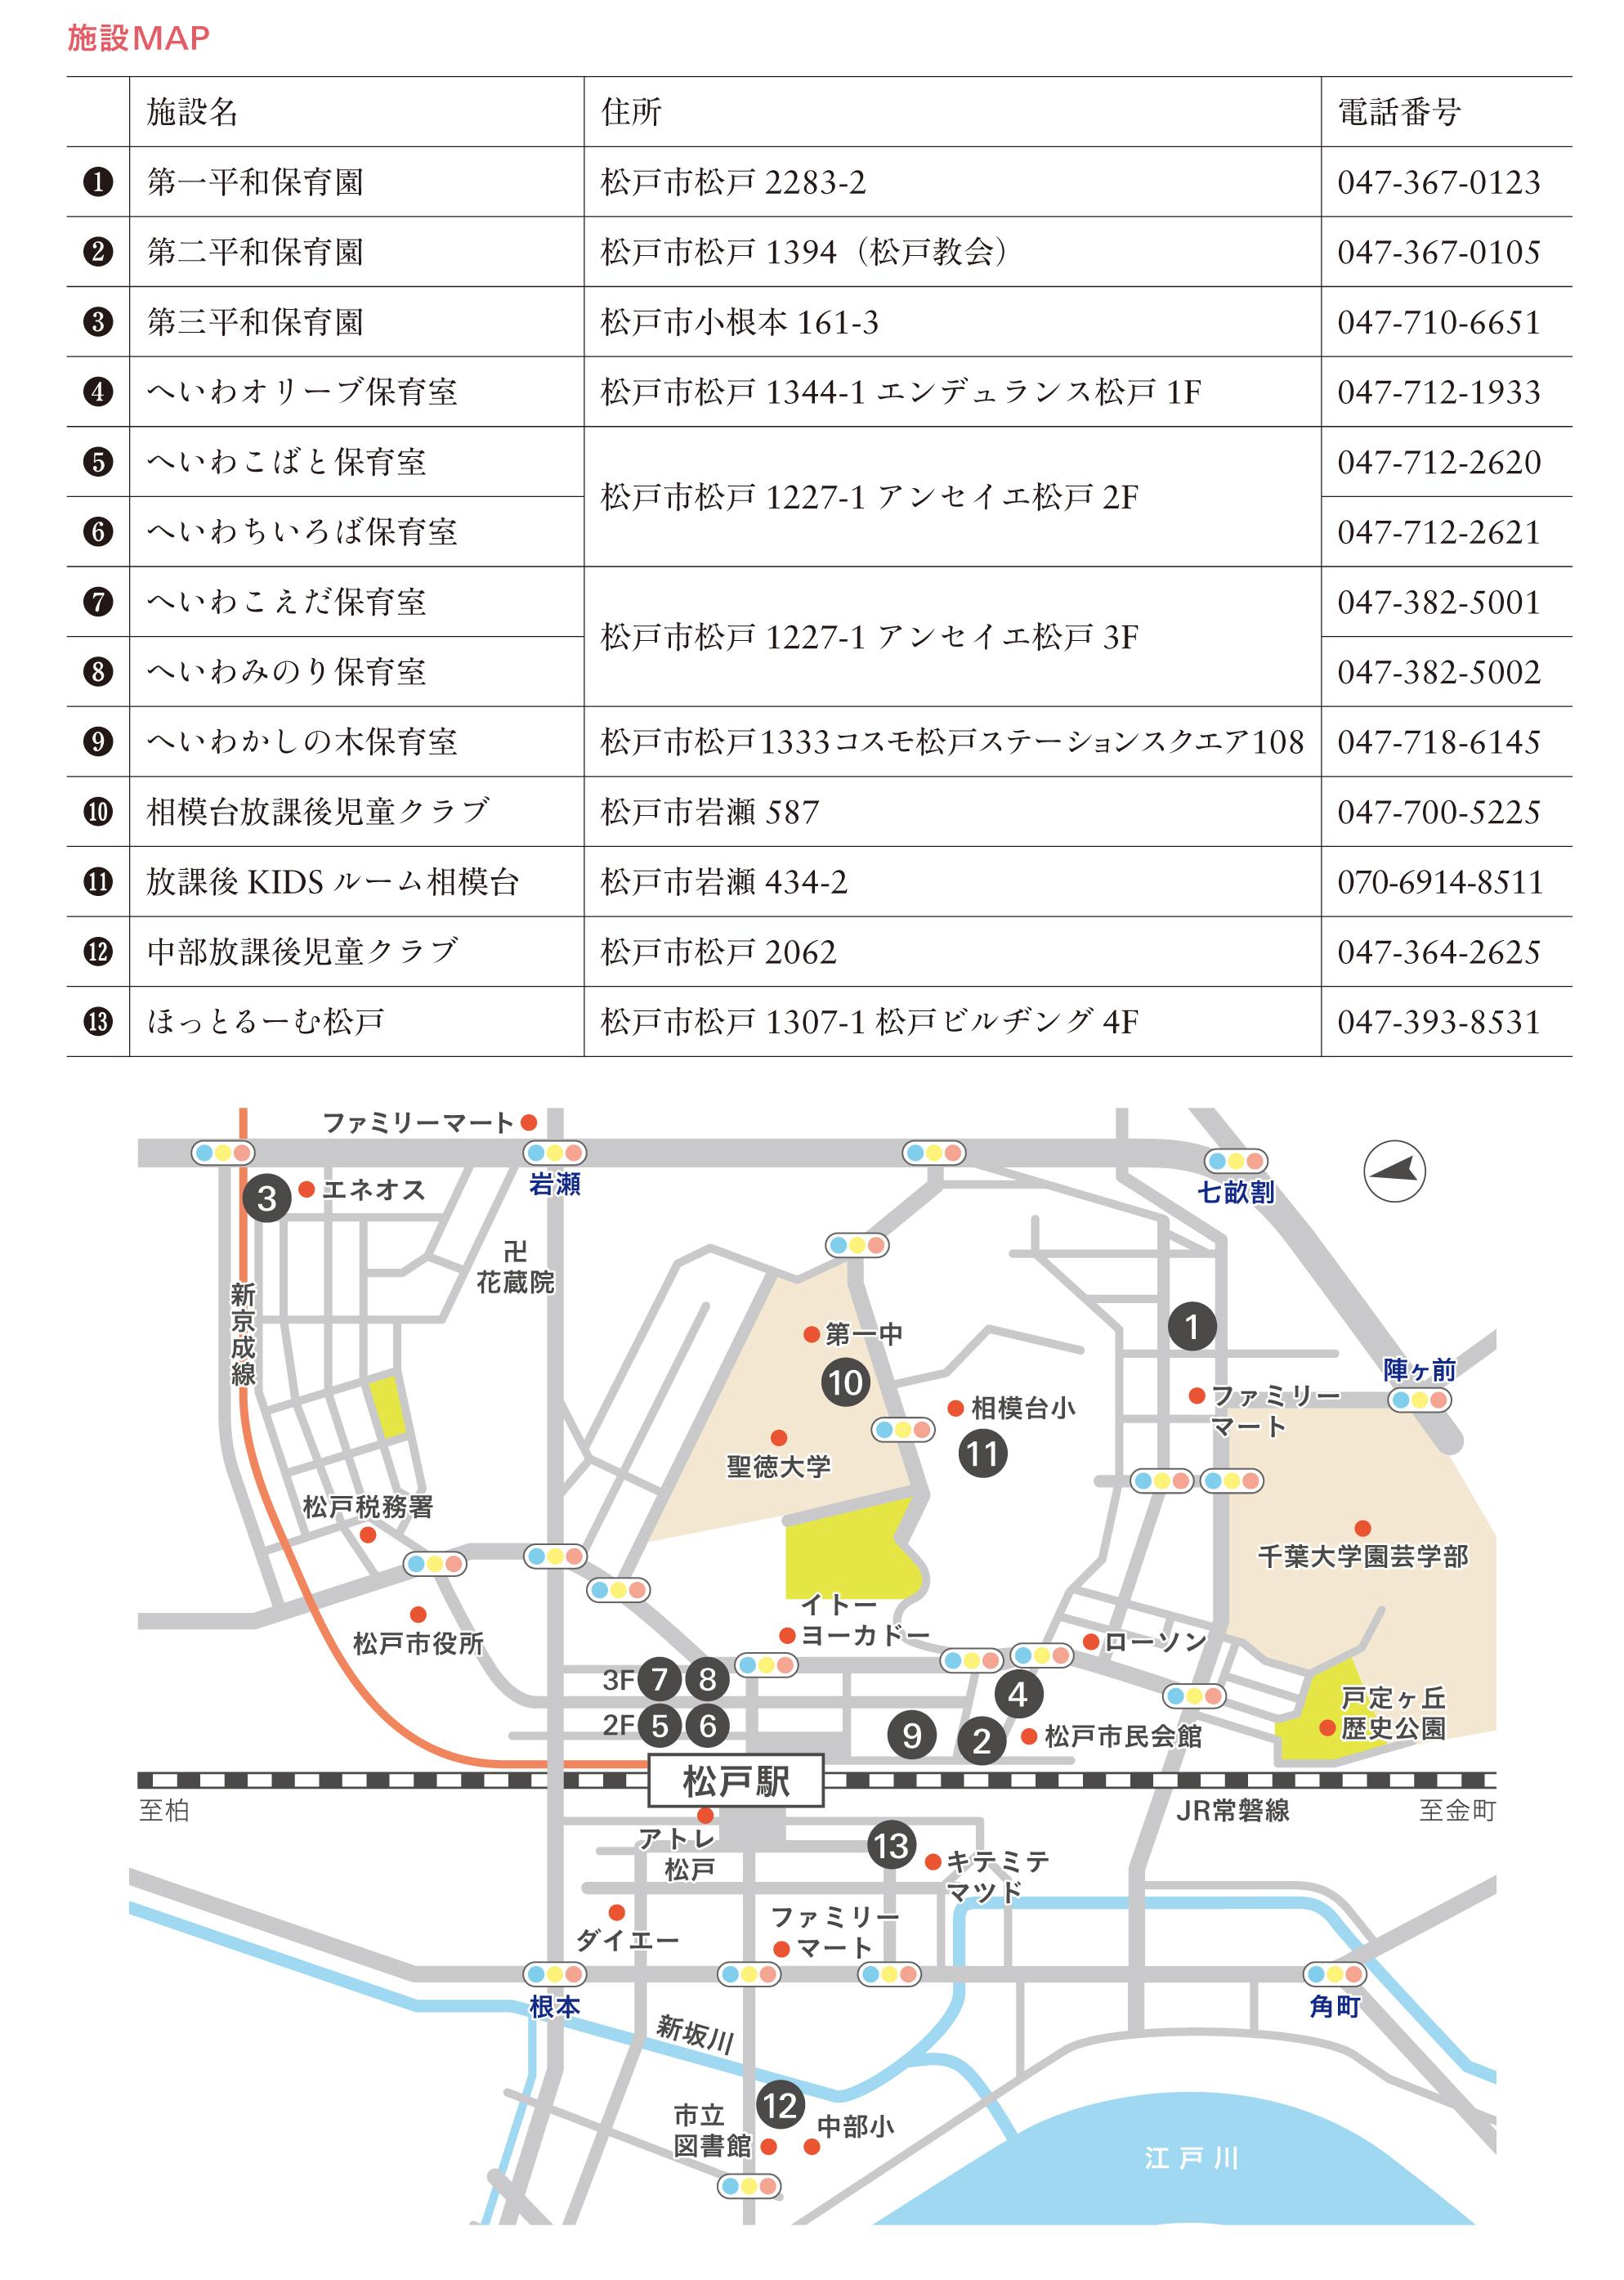 20.10.05_hakobune no3_CS4 naka.indd